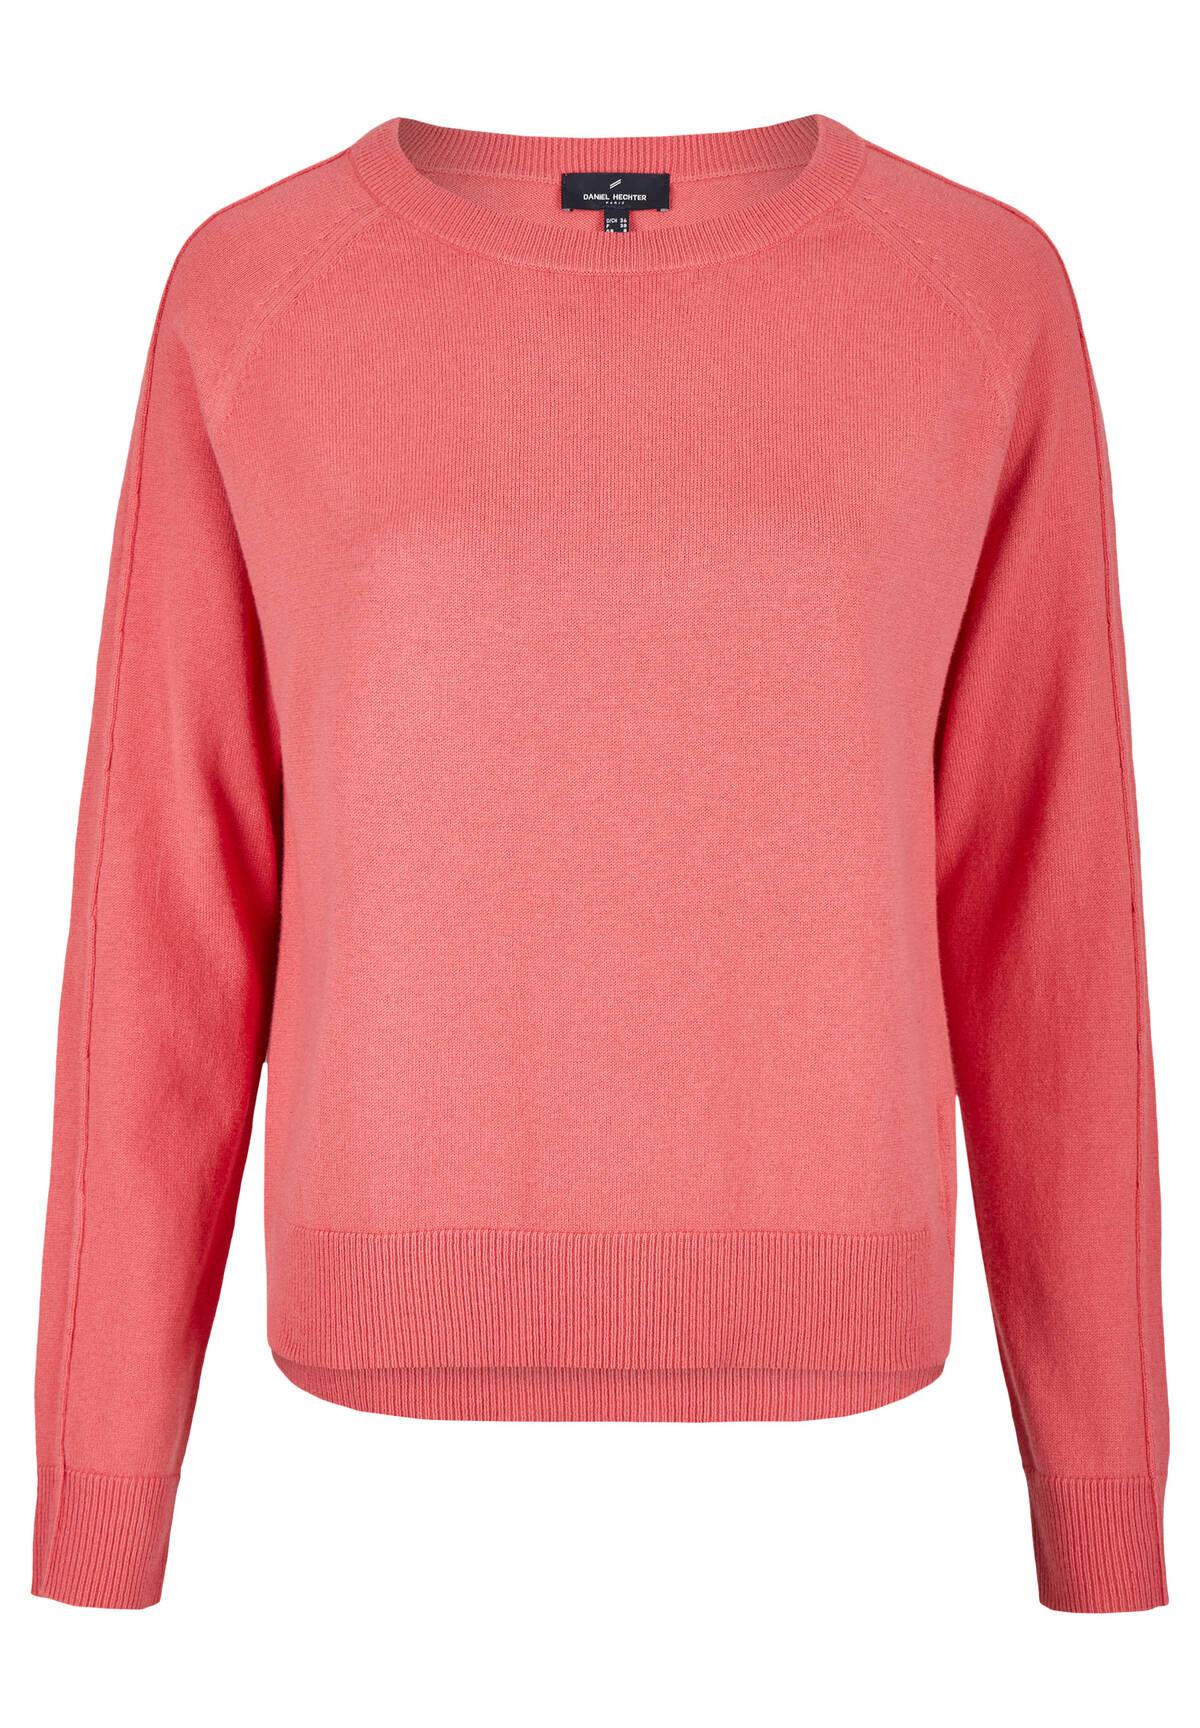 Moderner Pullover / round neck jumper